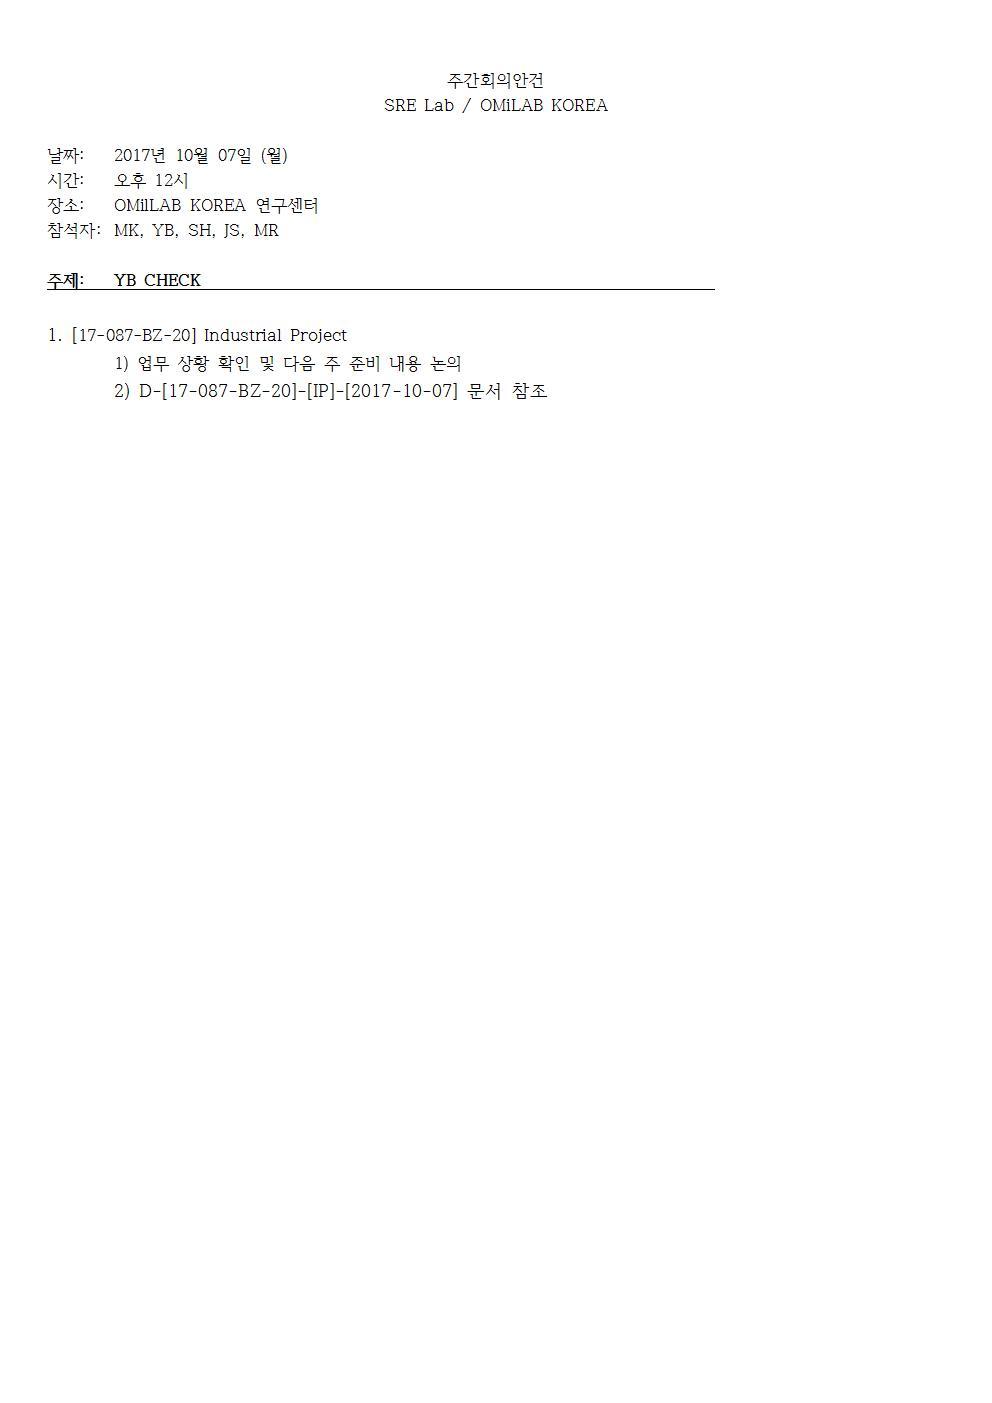 6-토-2017-10-07-CHEKC(YB)001.jpg